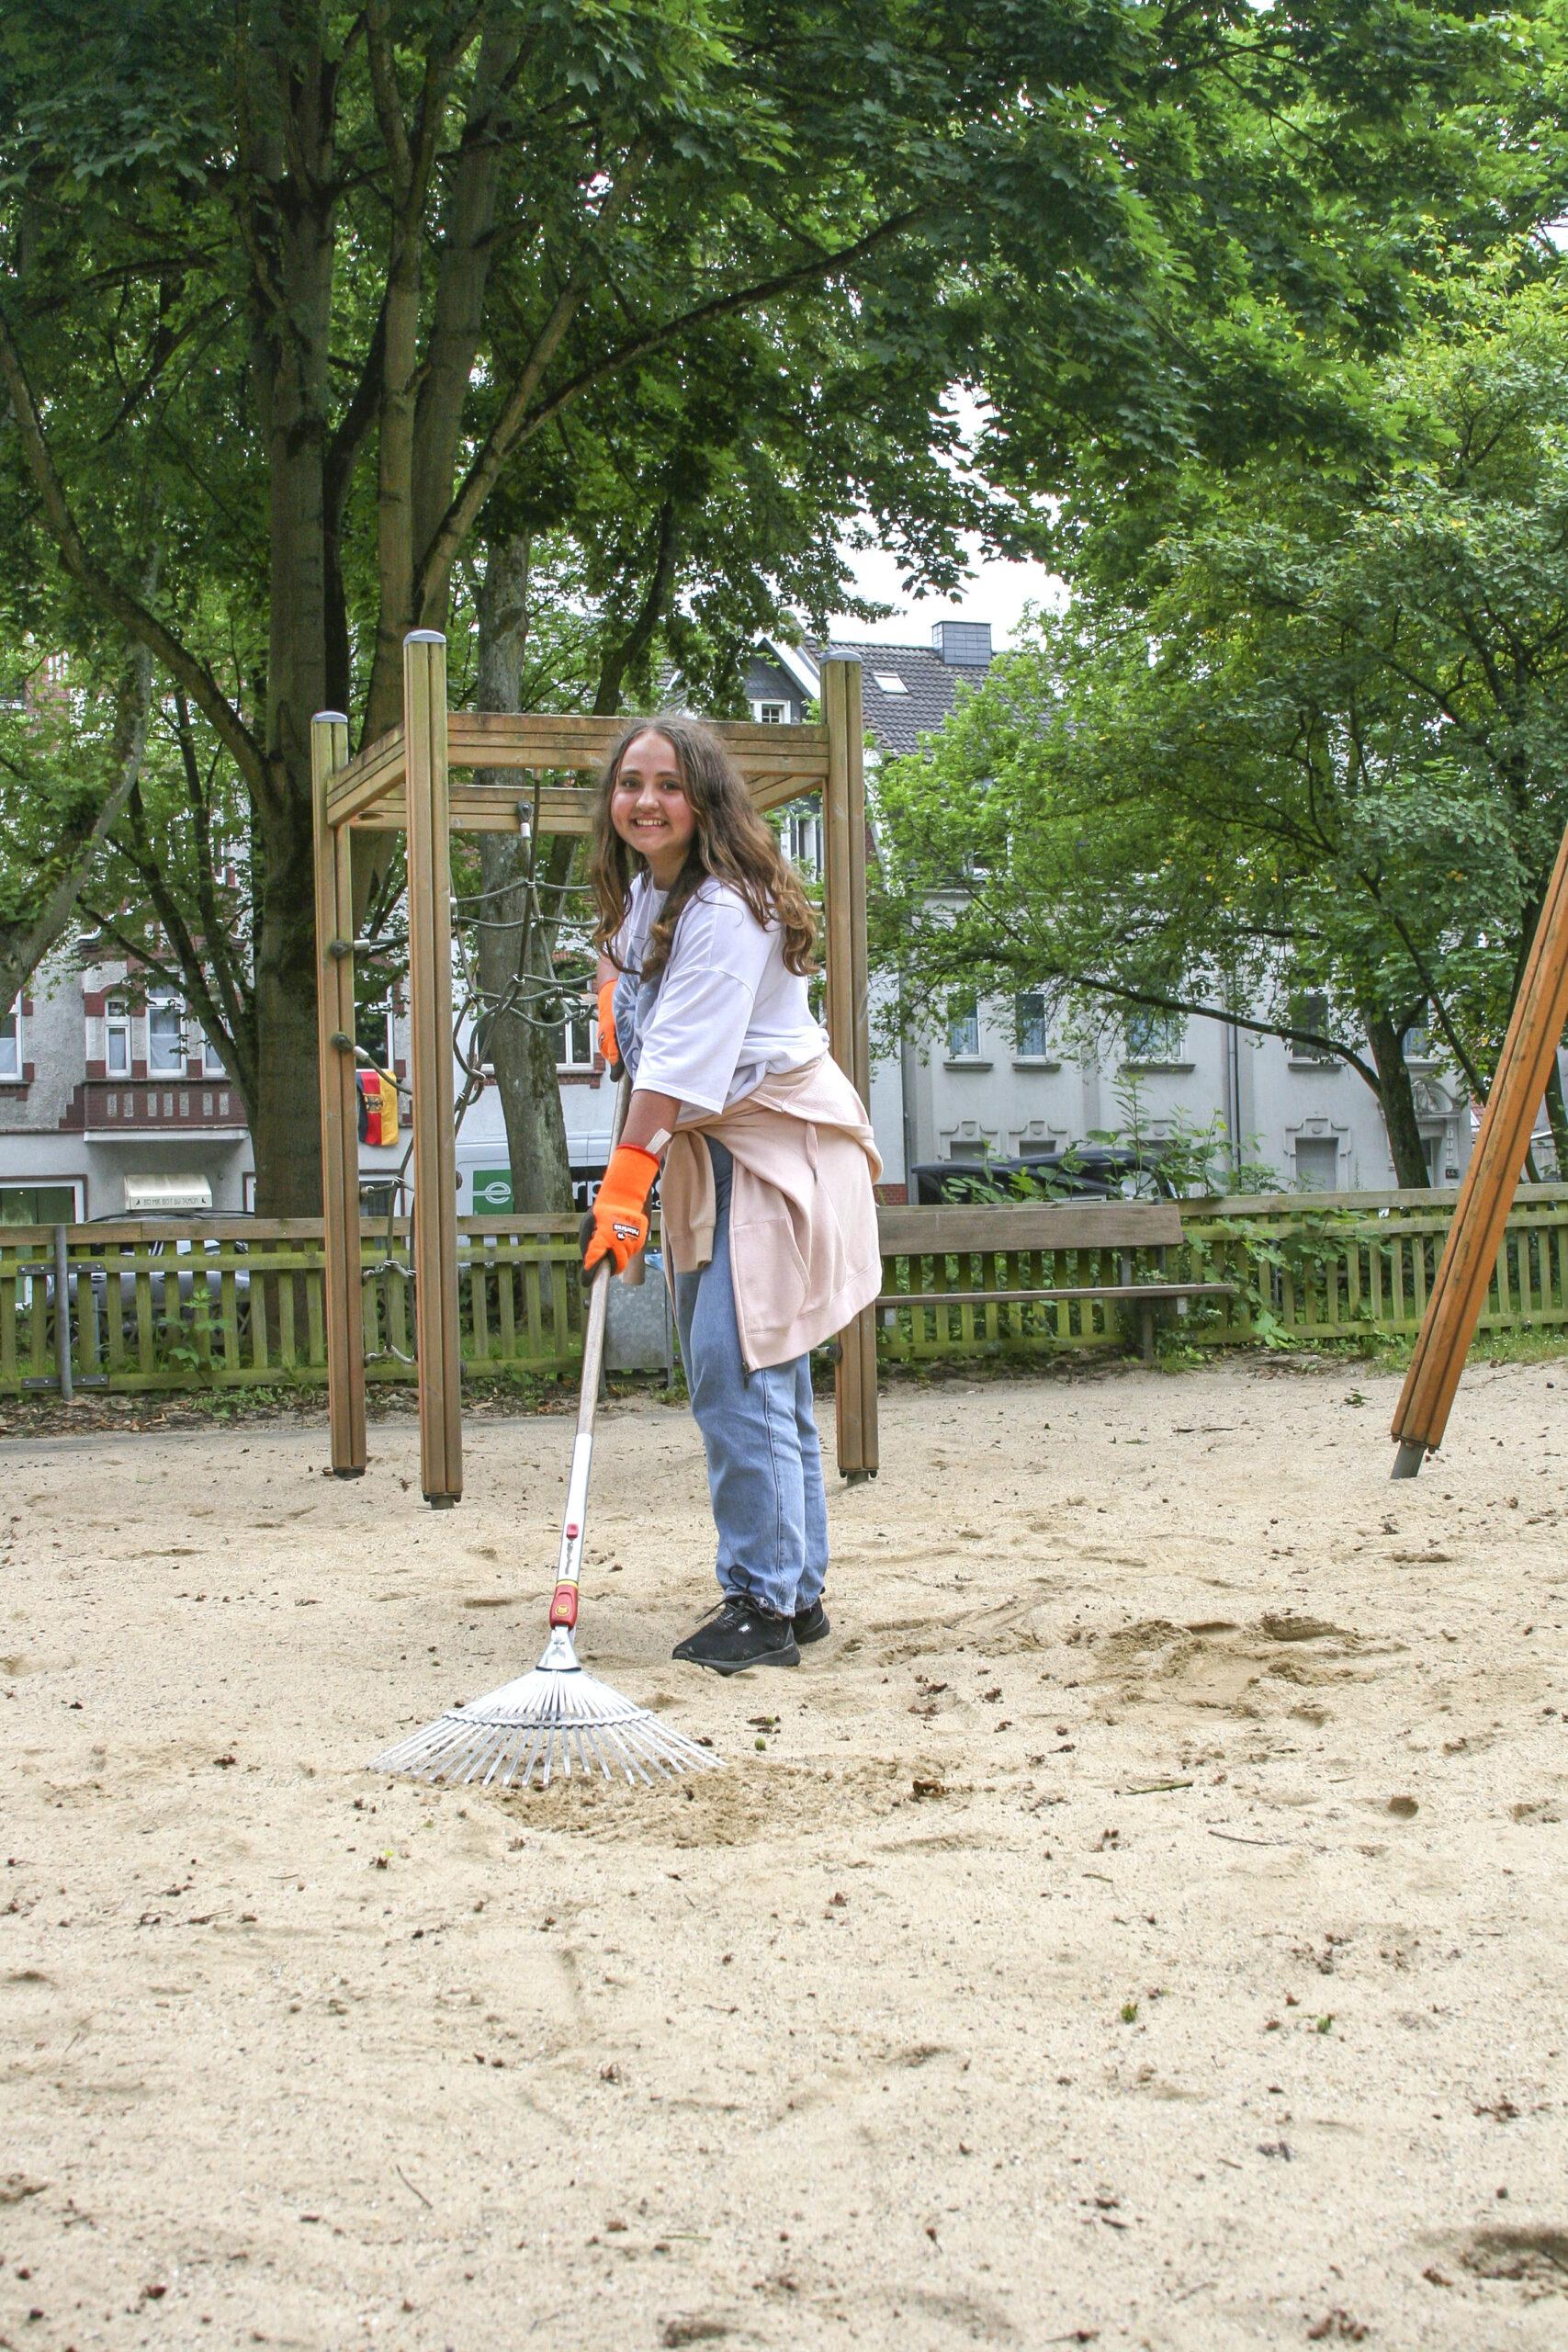 Gartenarbeit für den guten Zweck